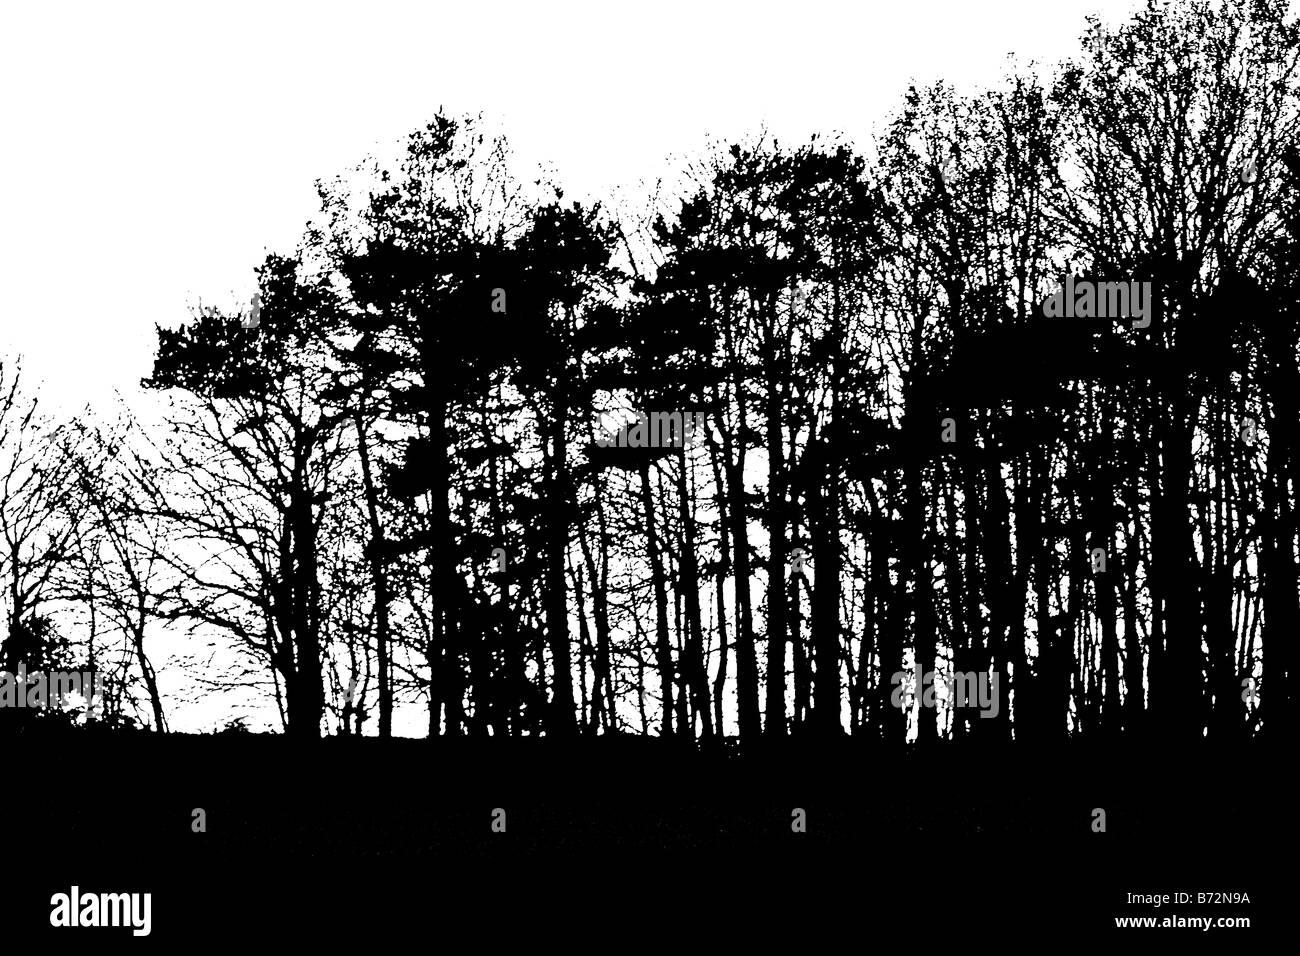 Unset derrière des arbres monochrome abstrait Banque D'Images